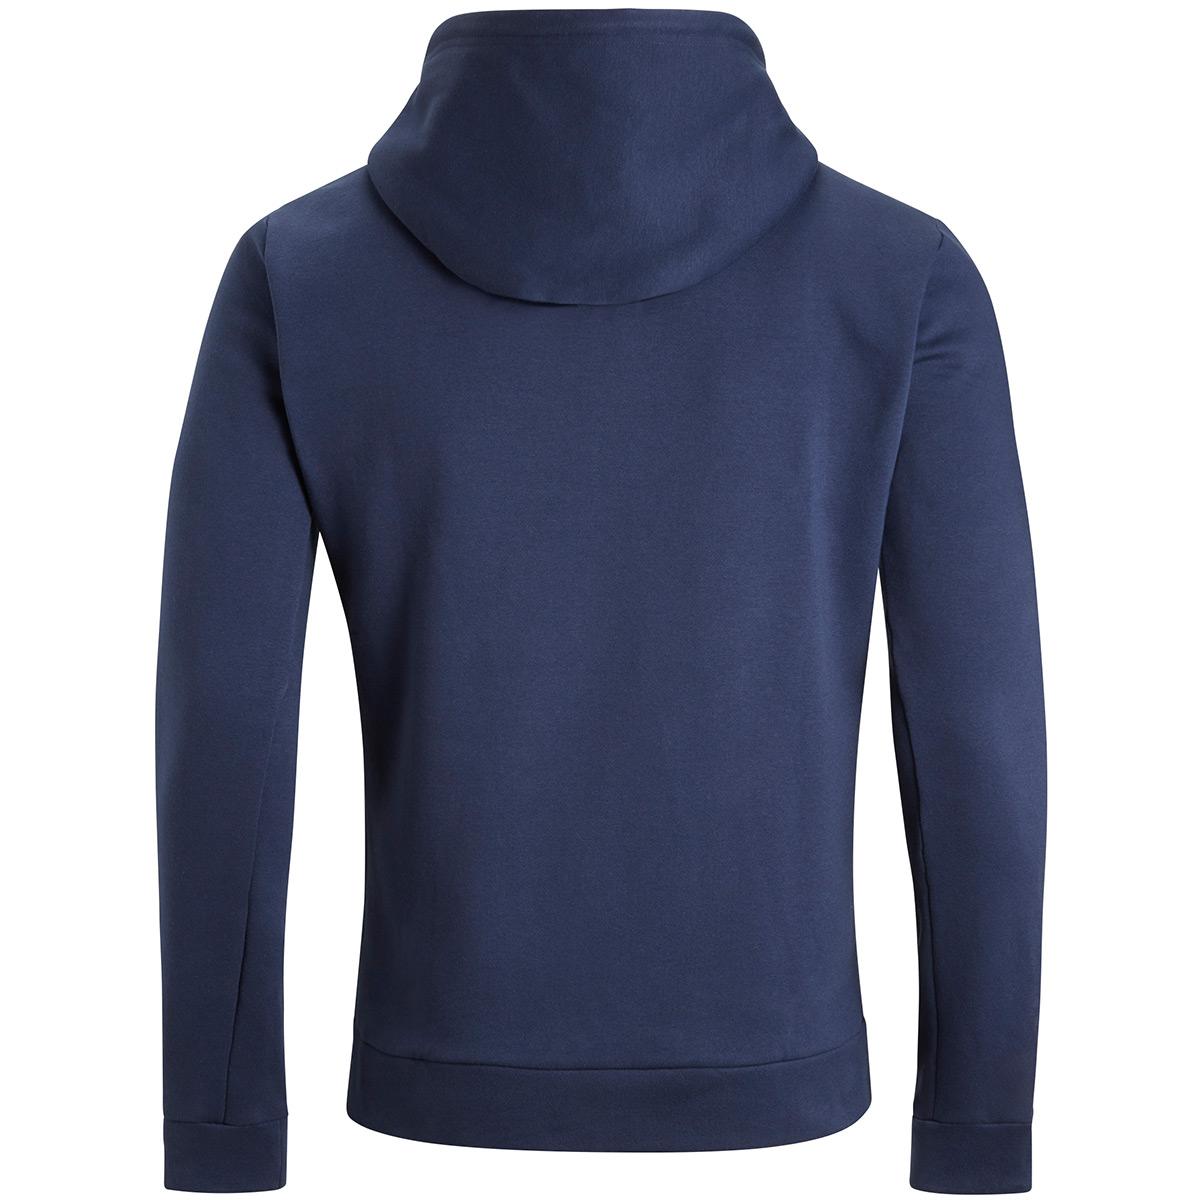 Bjorn Borg Homme Core Coton Organique Zip complet Regular Fit Sweat à capuche 31/% Off RRP